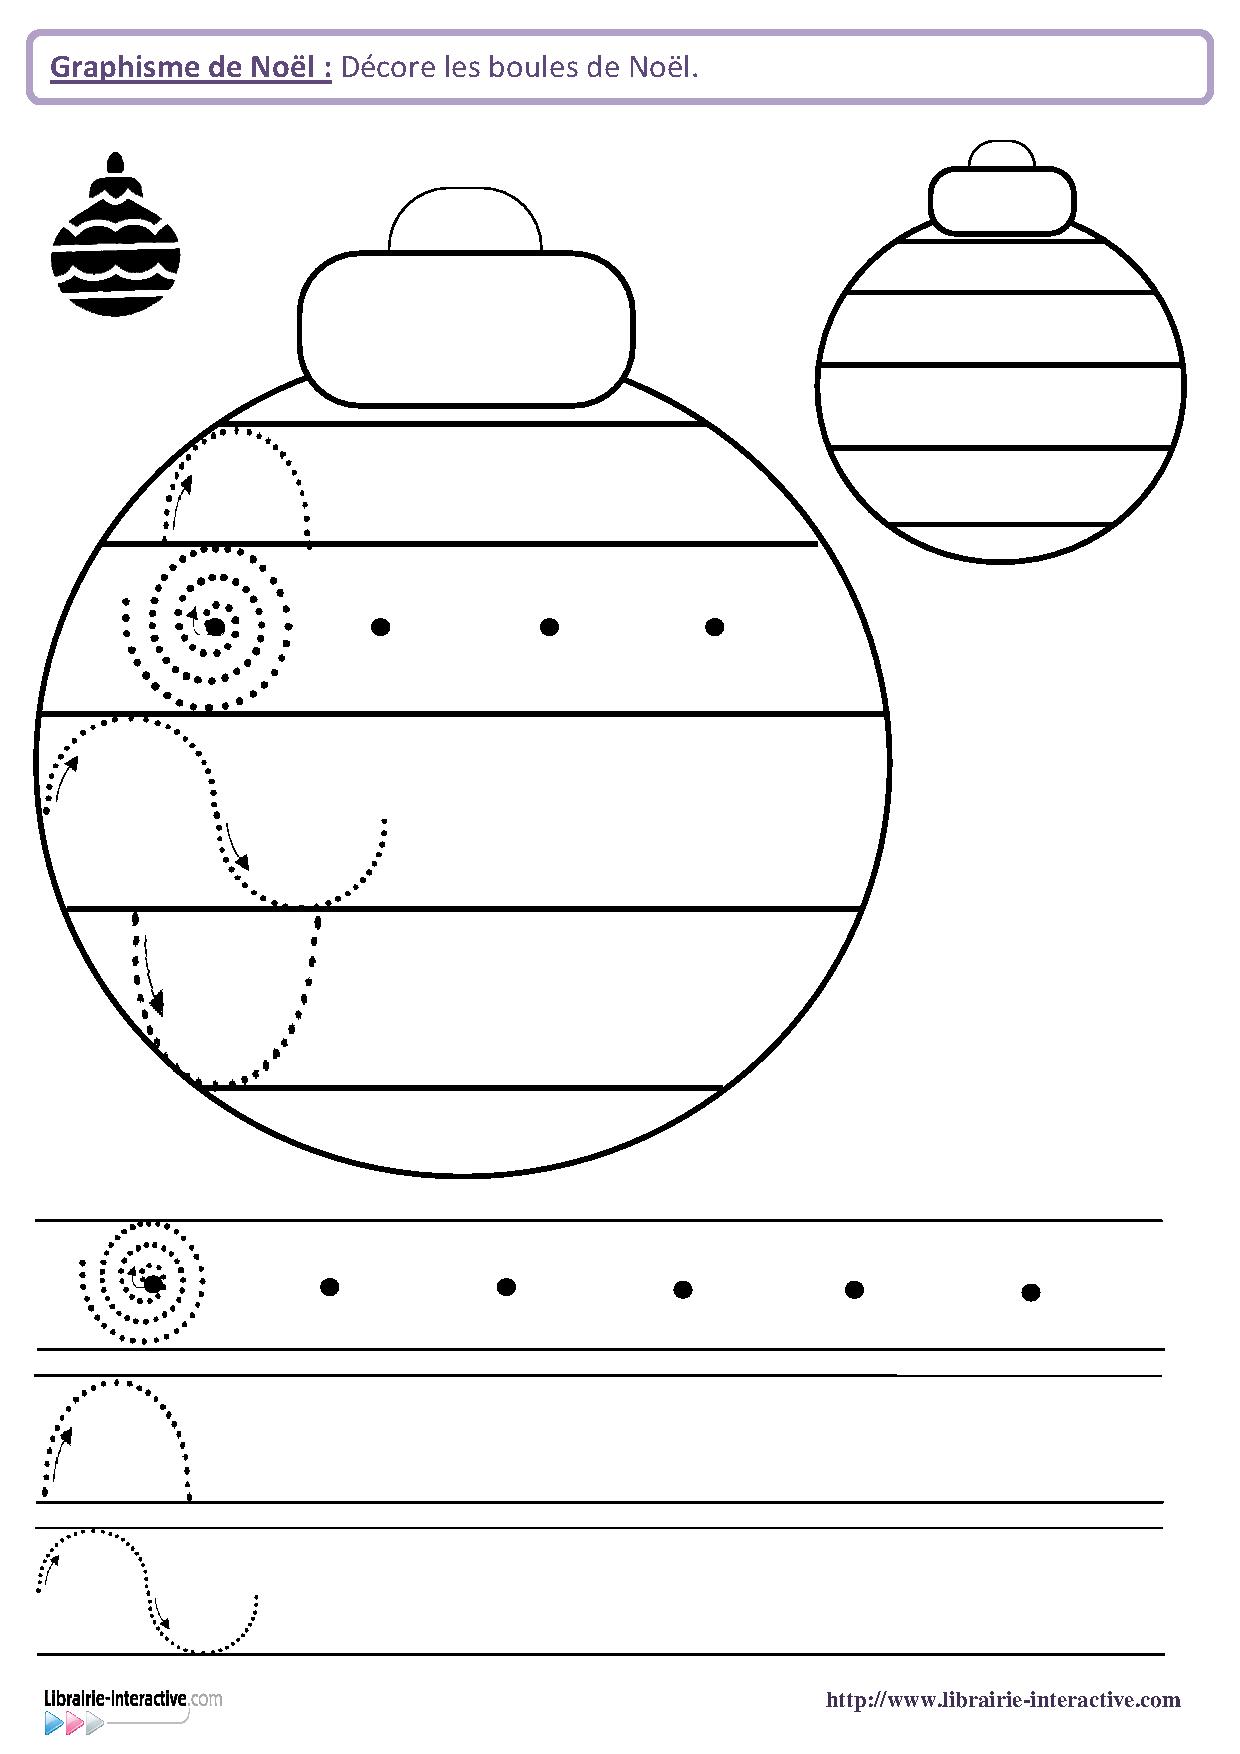 22 fiches de graphisme sur le th me de no l pour les l ves de maternelle moyenne section et - Activite de noel maternelle ...